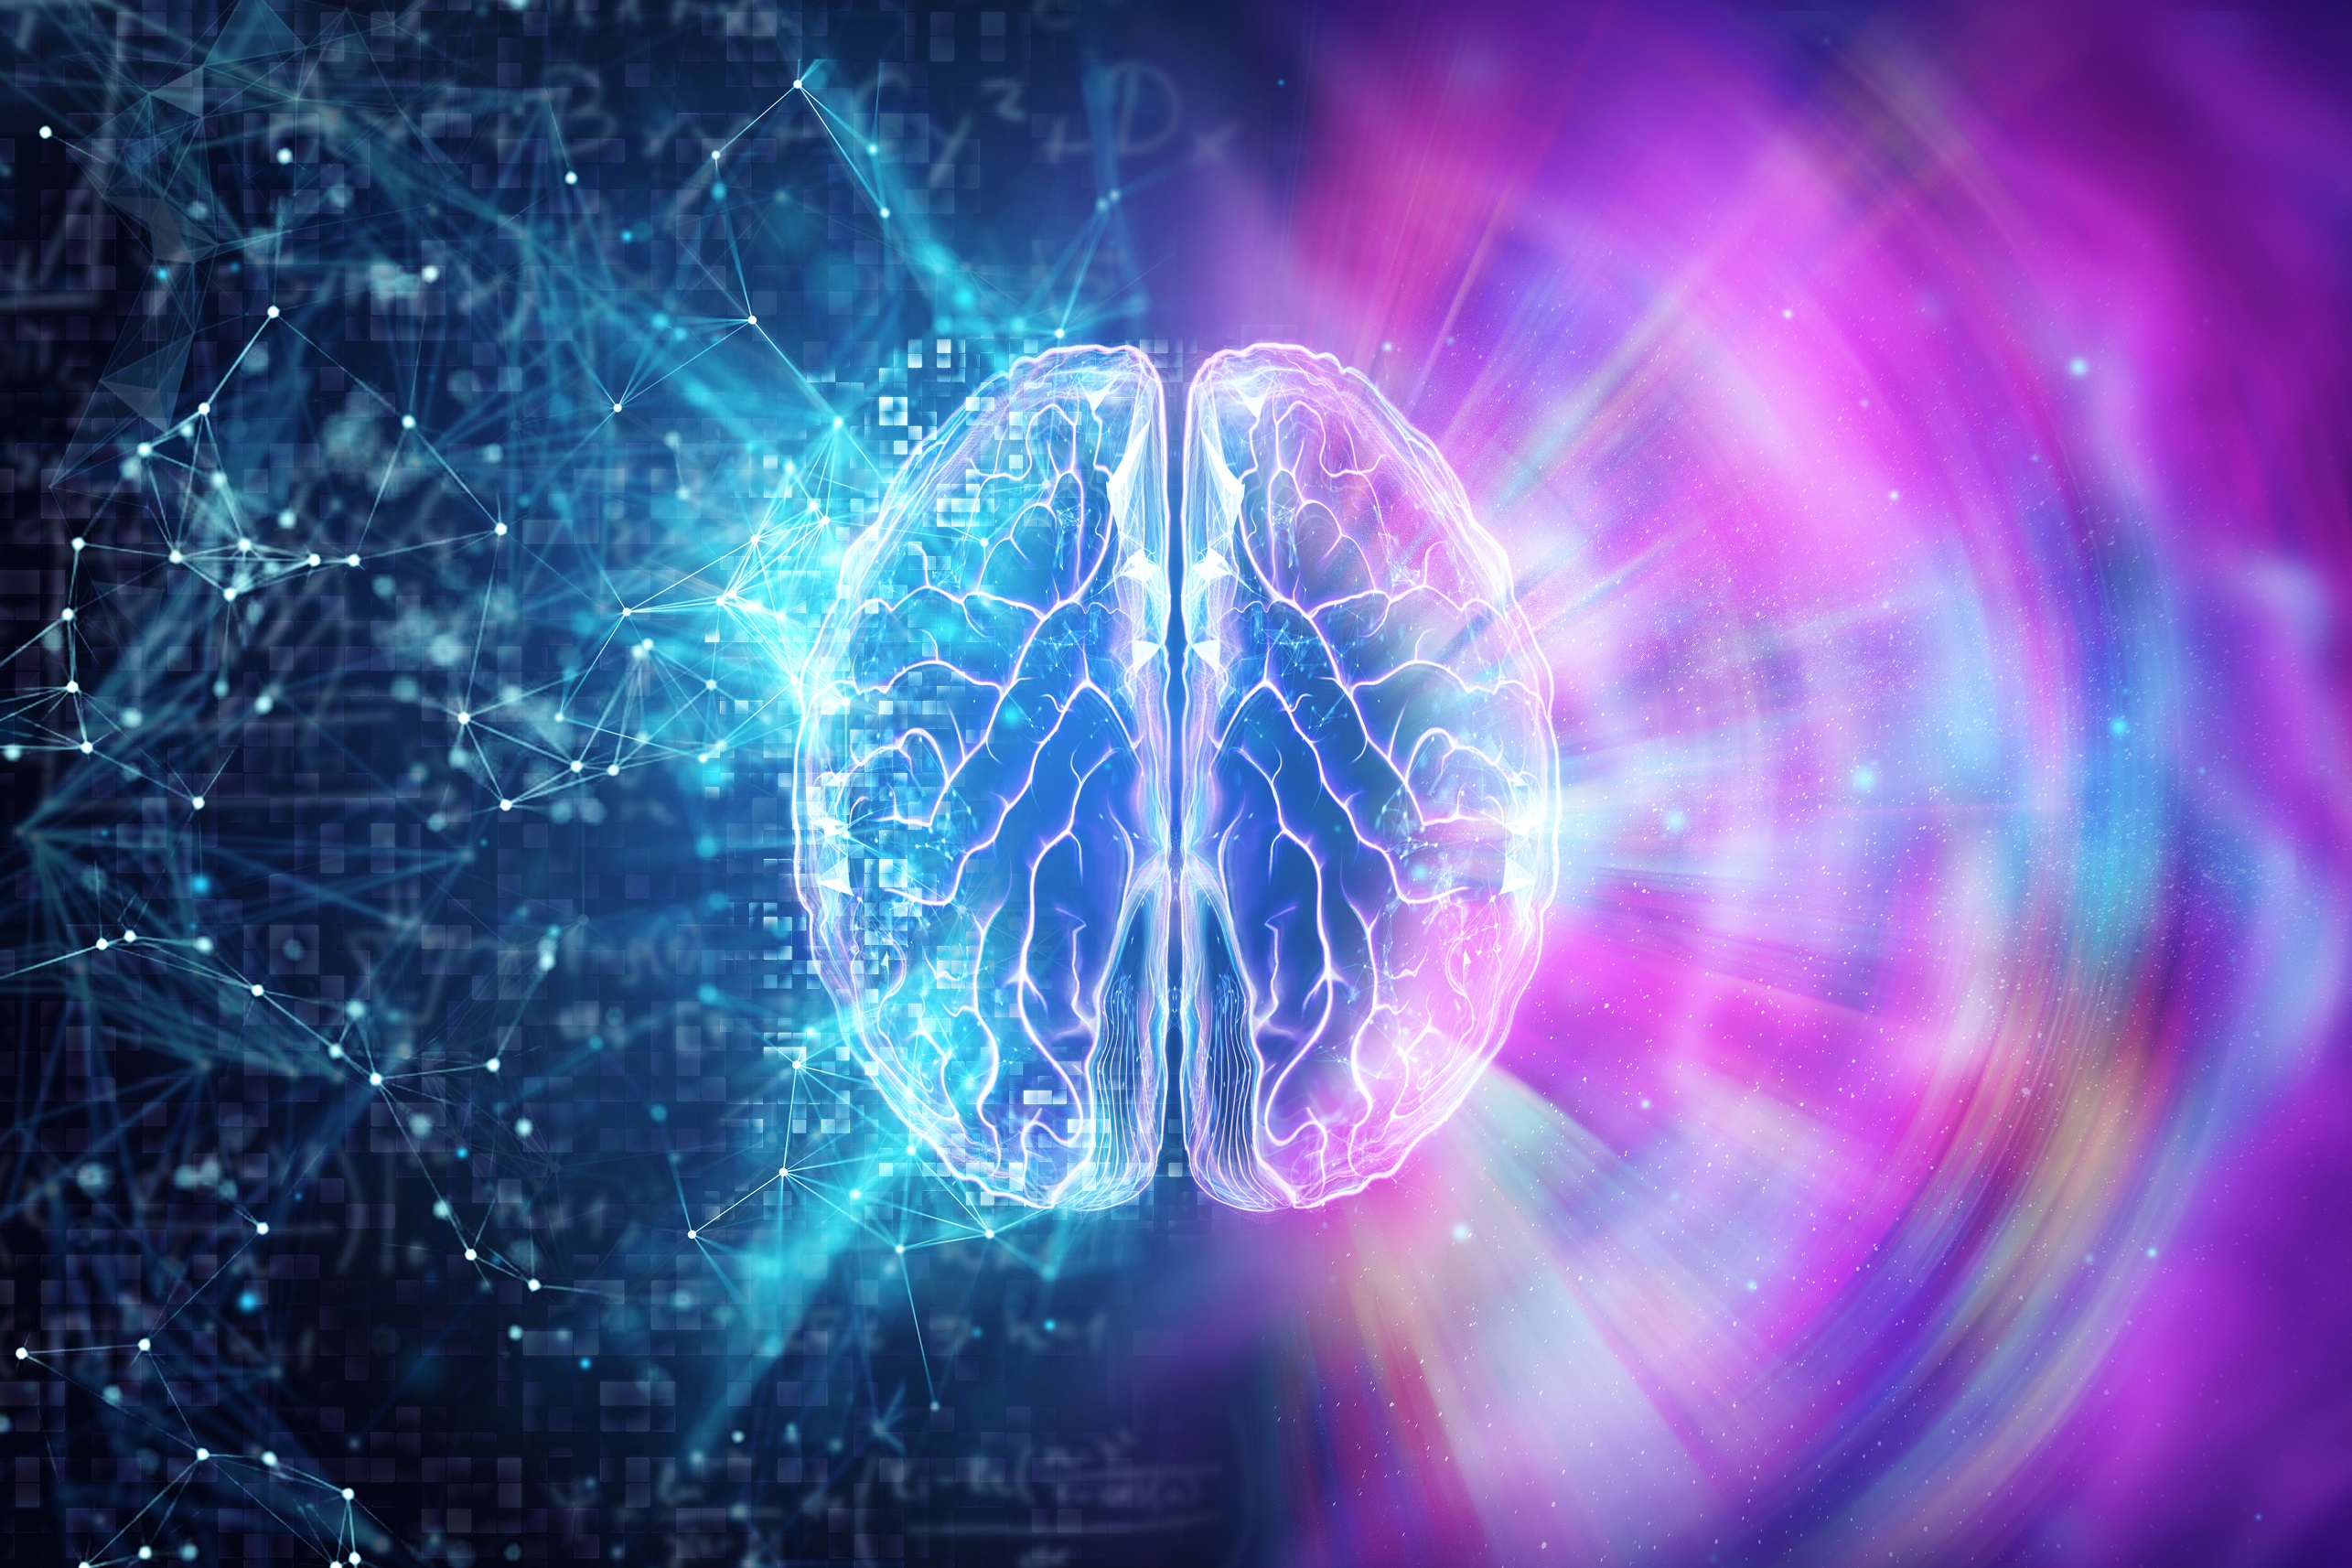 El cerebro tiene propiedades asombrosas